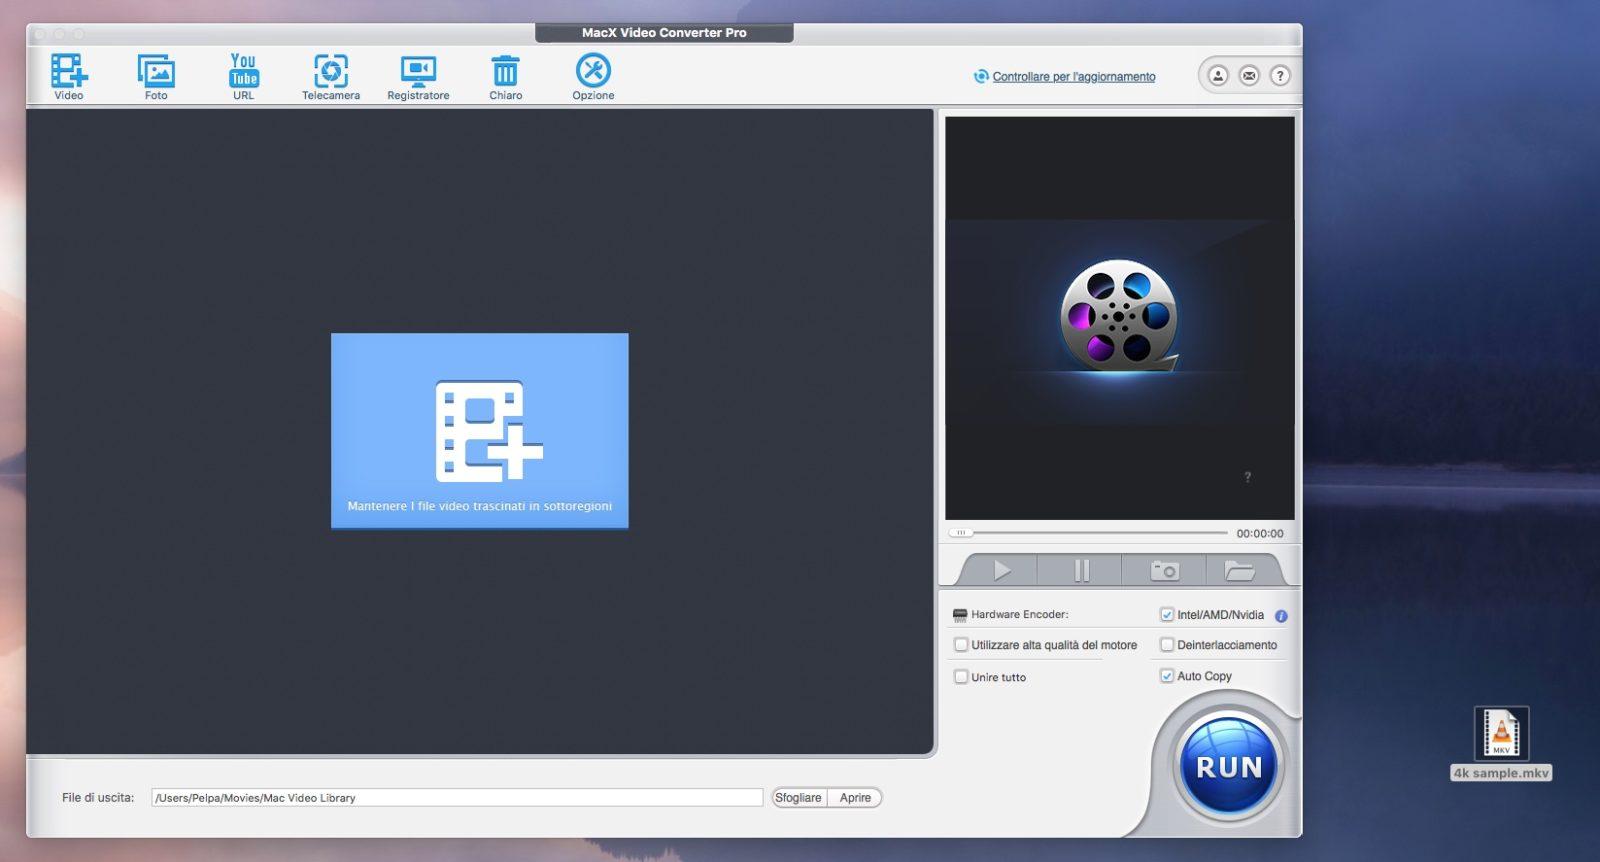 Come e perché convertire e comprimere gratis i vostri video 4K con MacX Video Convert Pro